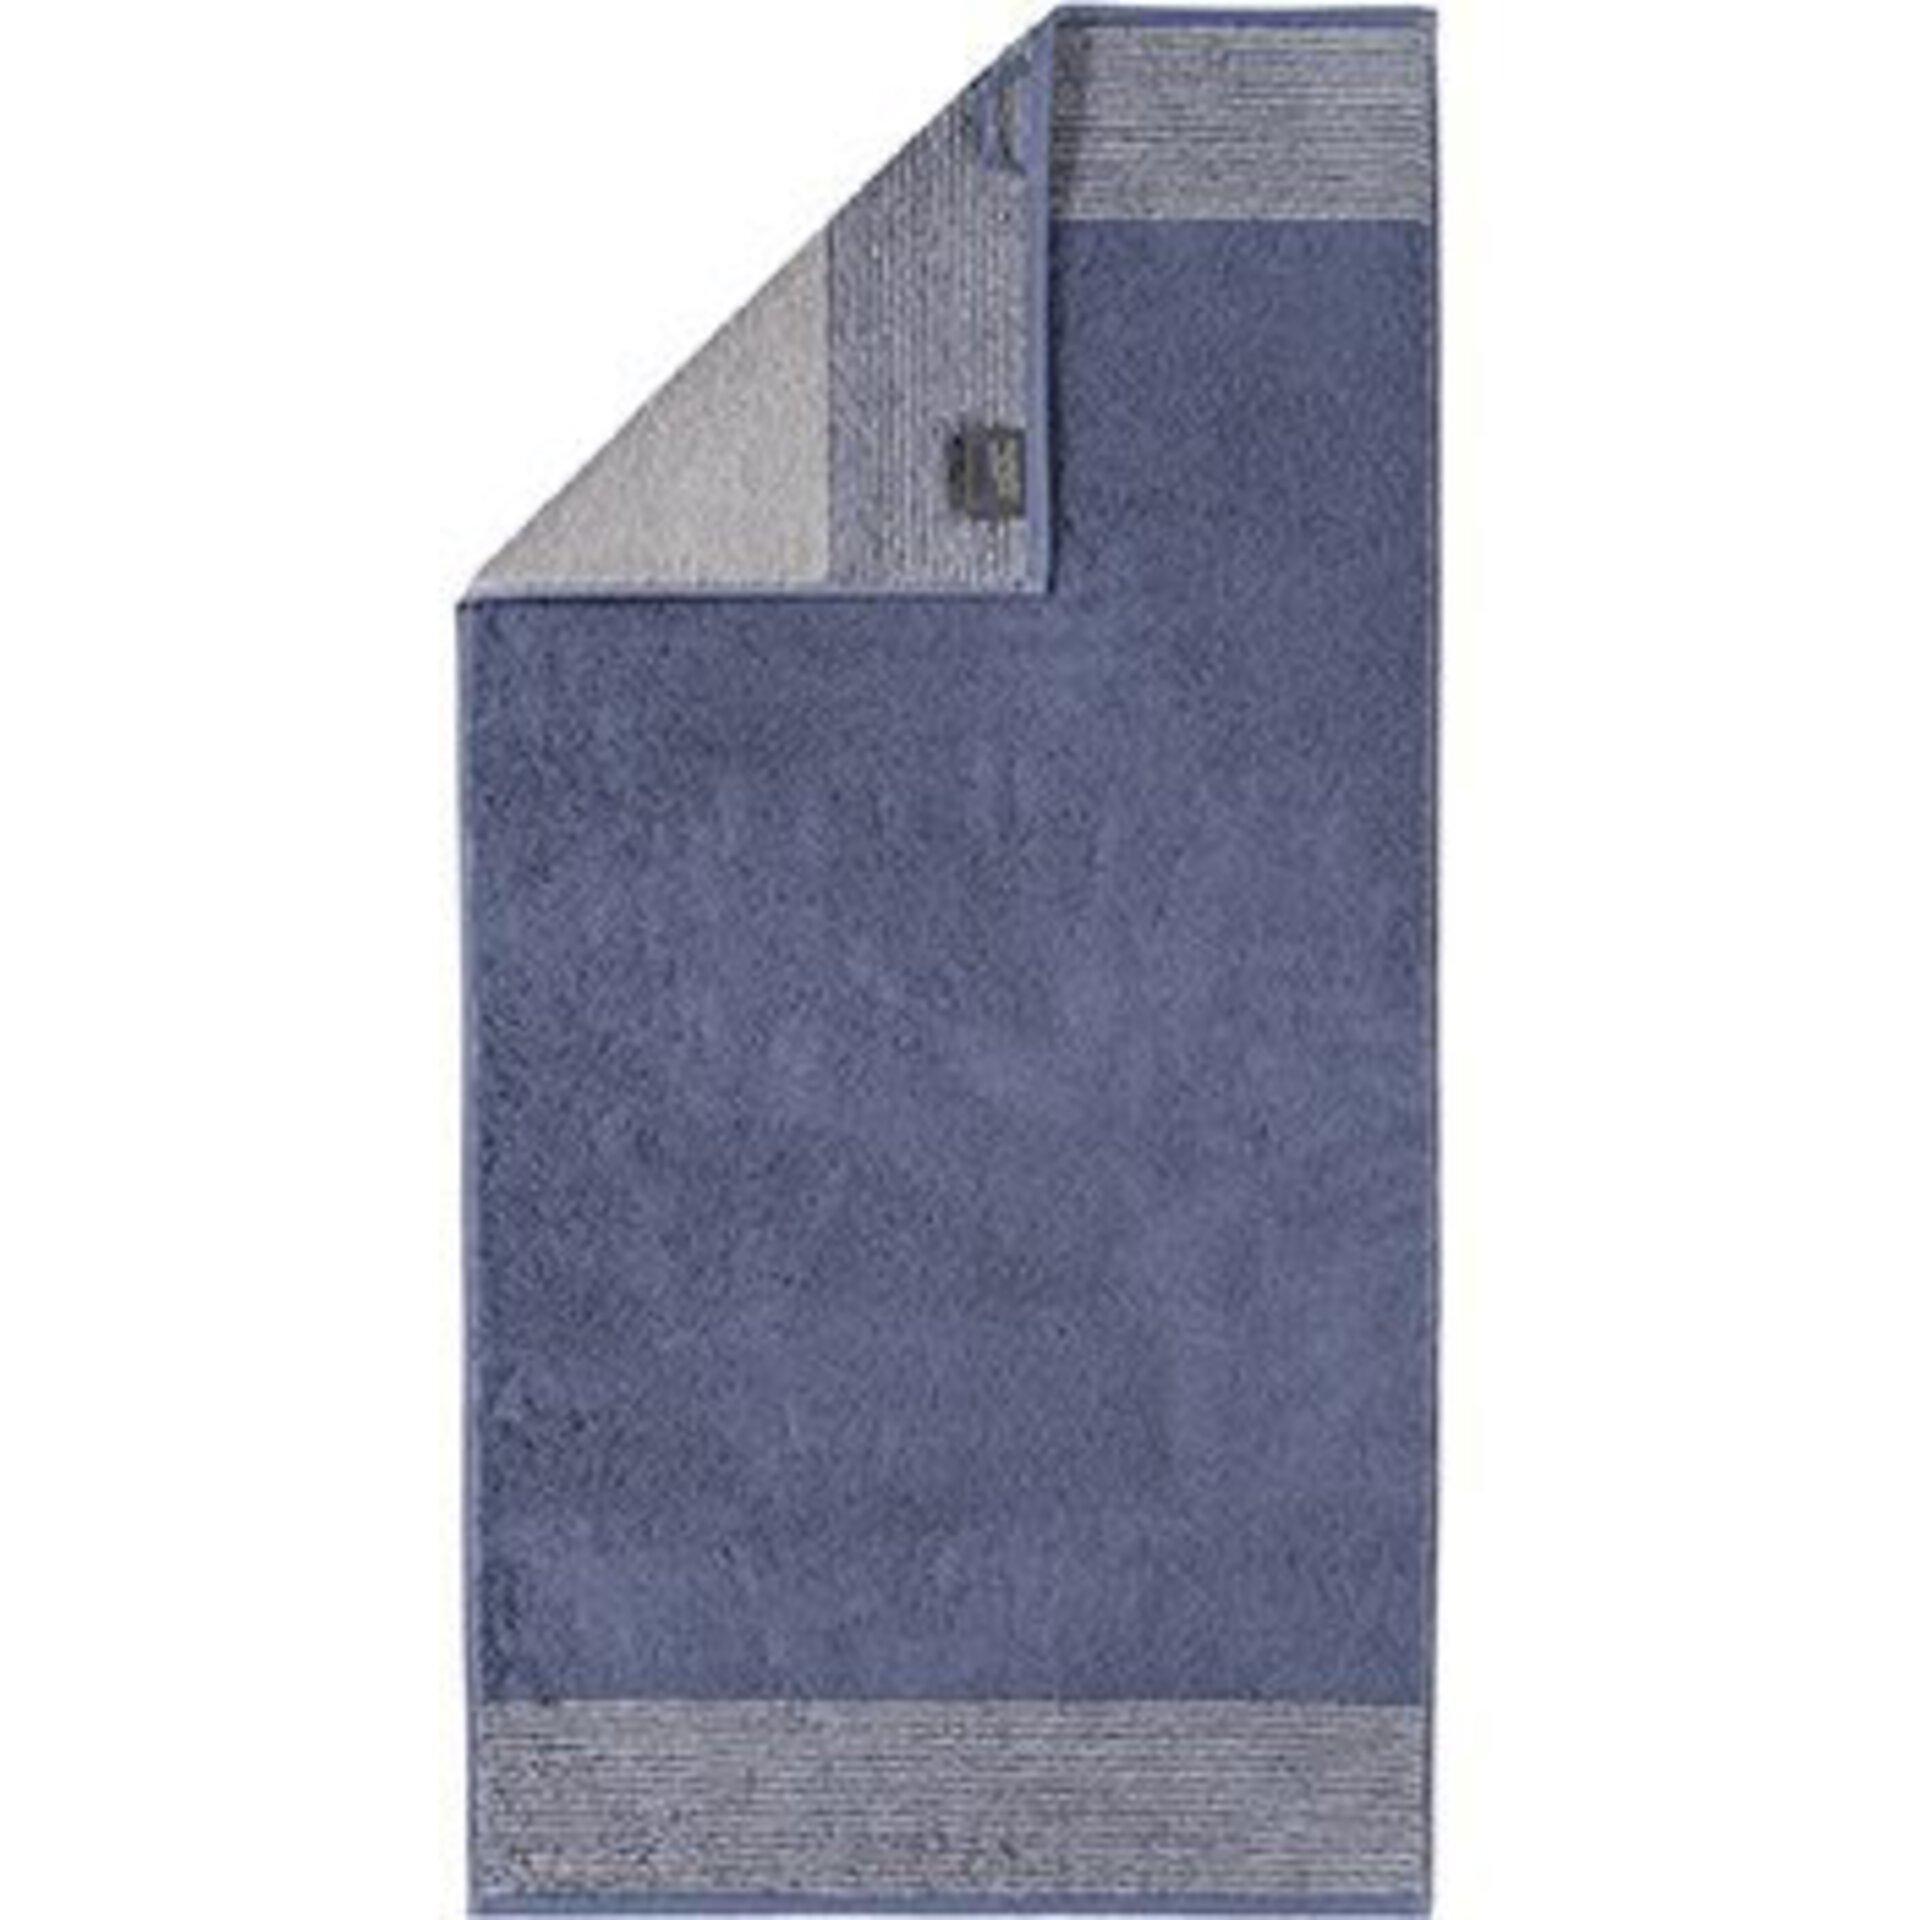 Duschtuch Two-Tone Cawö Textil 50 x 100 cm